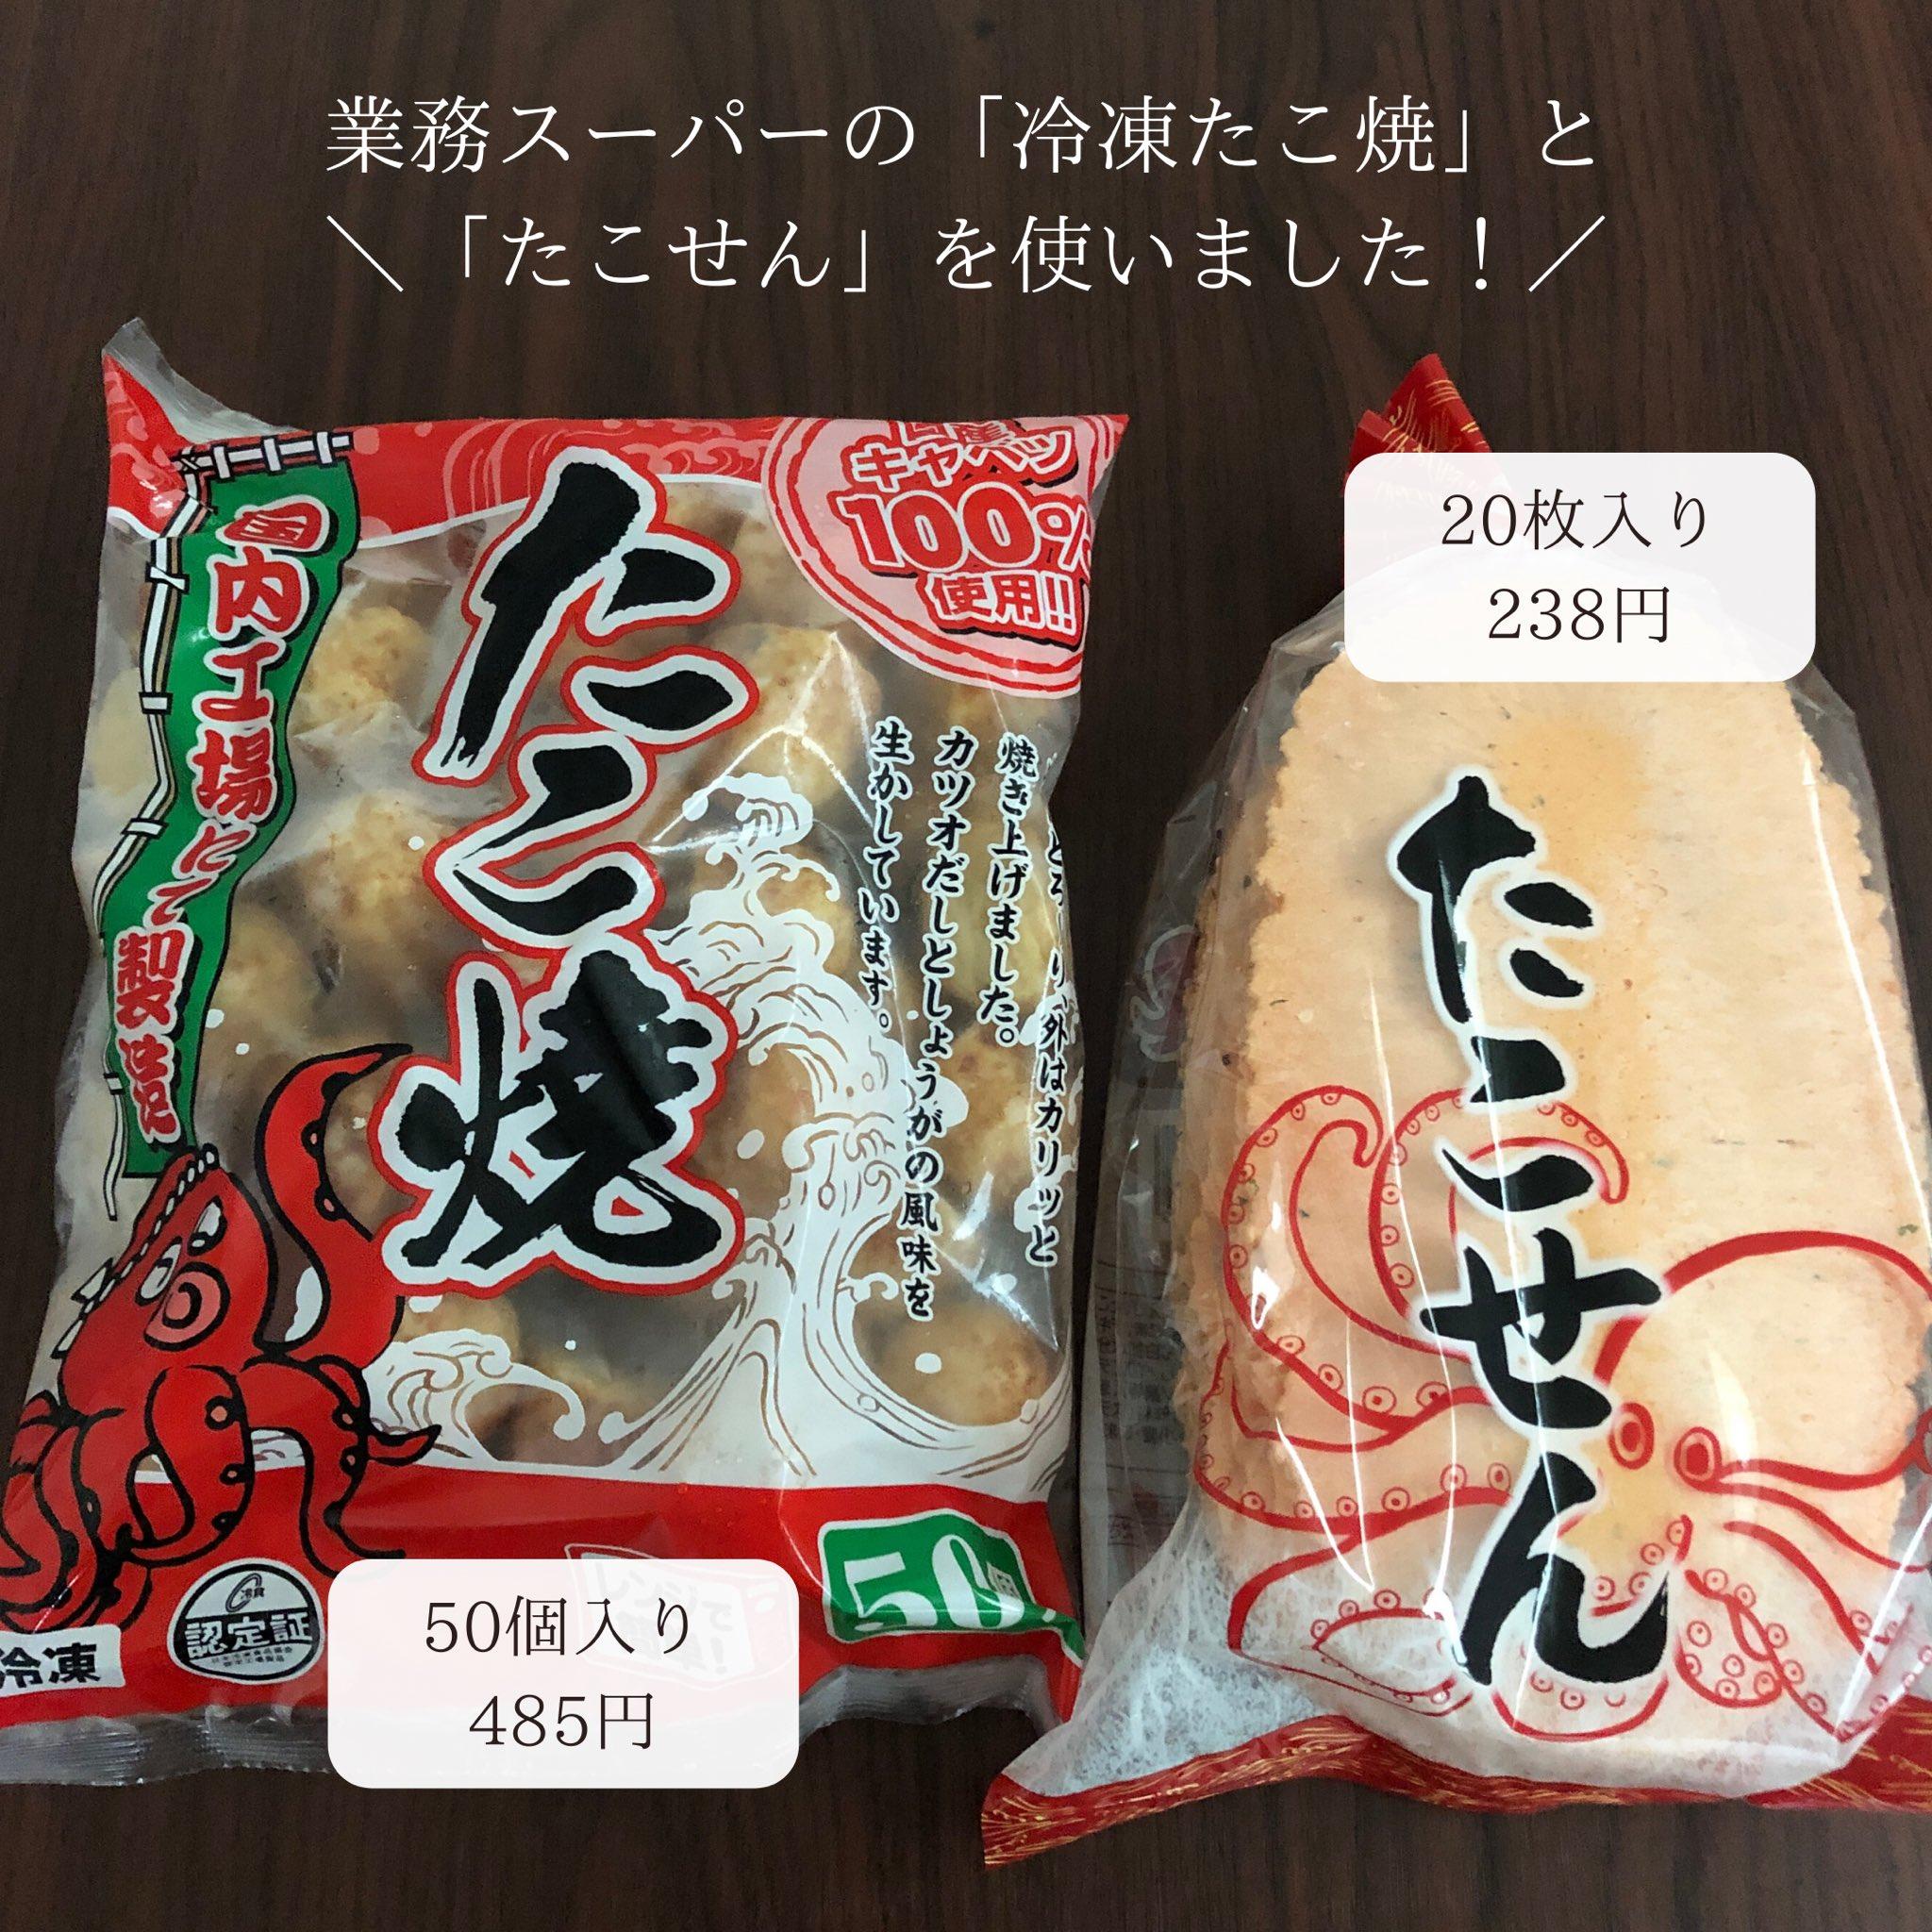 たこ 業務 スーパー 業ス食材で激安「たこパー」 1,000円以下で120個分作れます